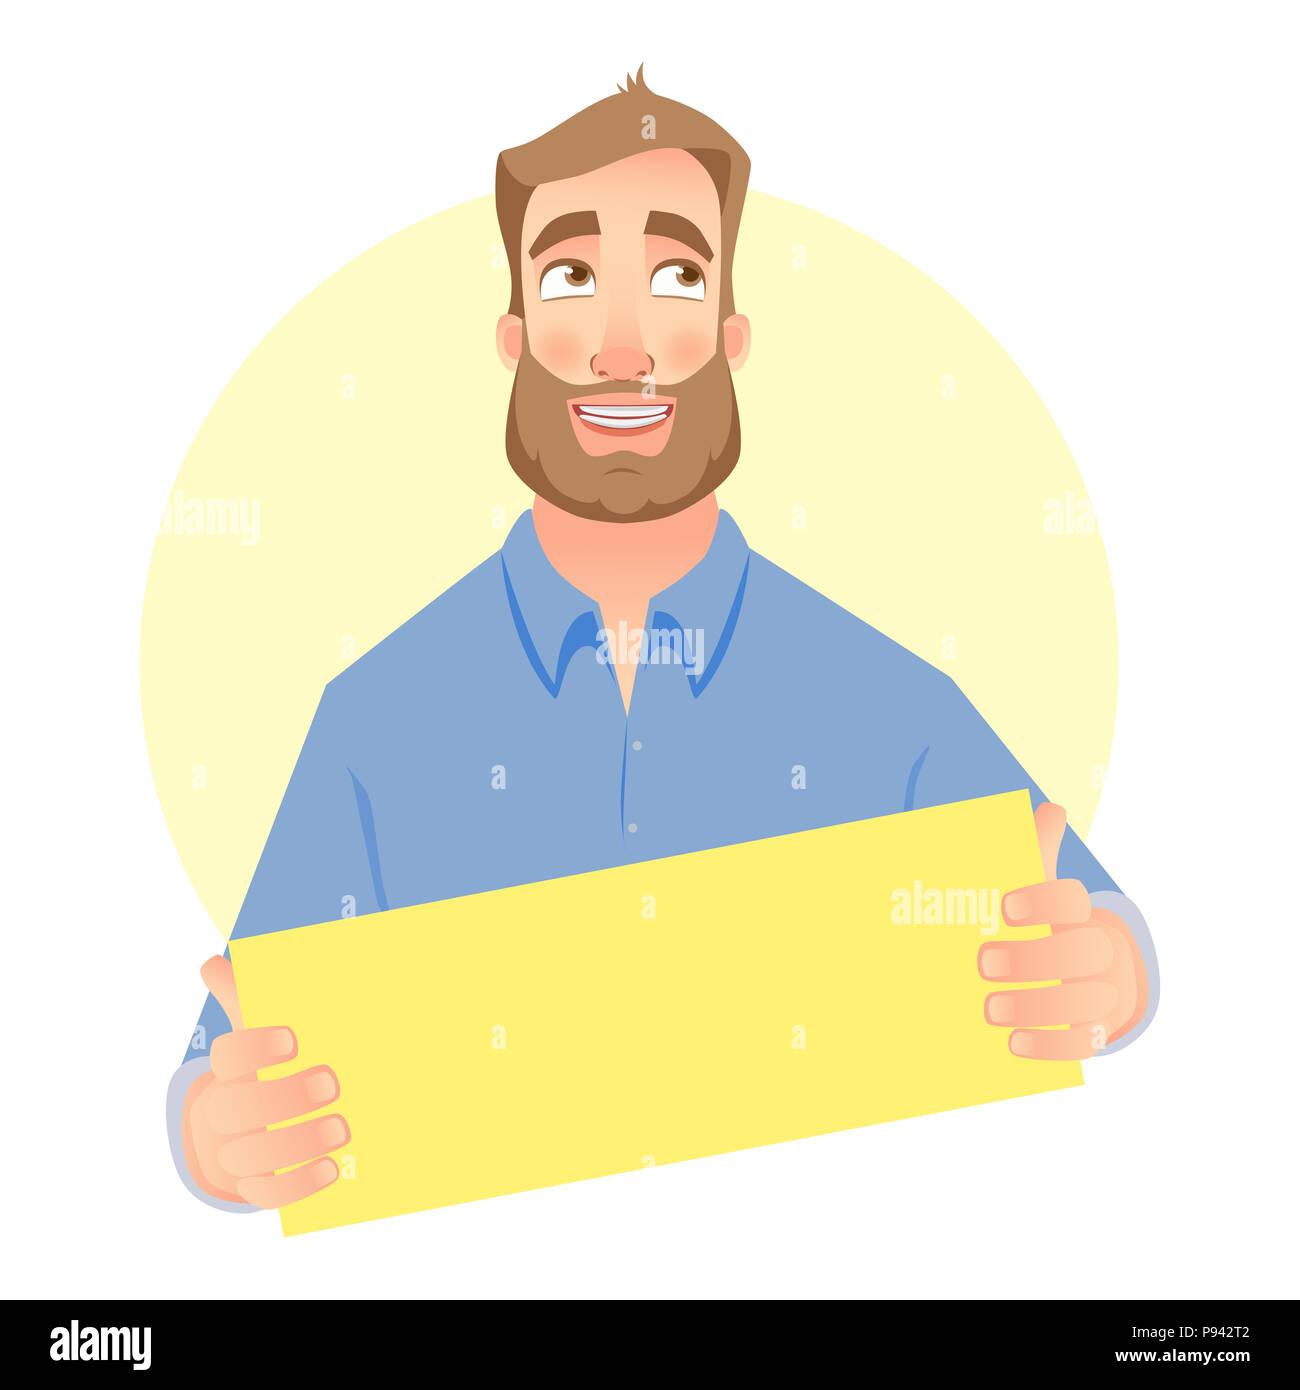 Man Holding Carte Vierge Portrait De Visite Illustration